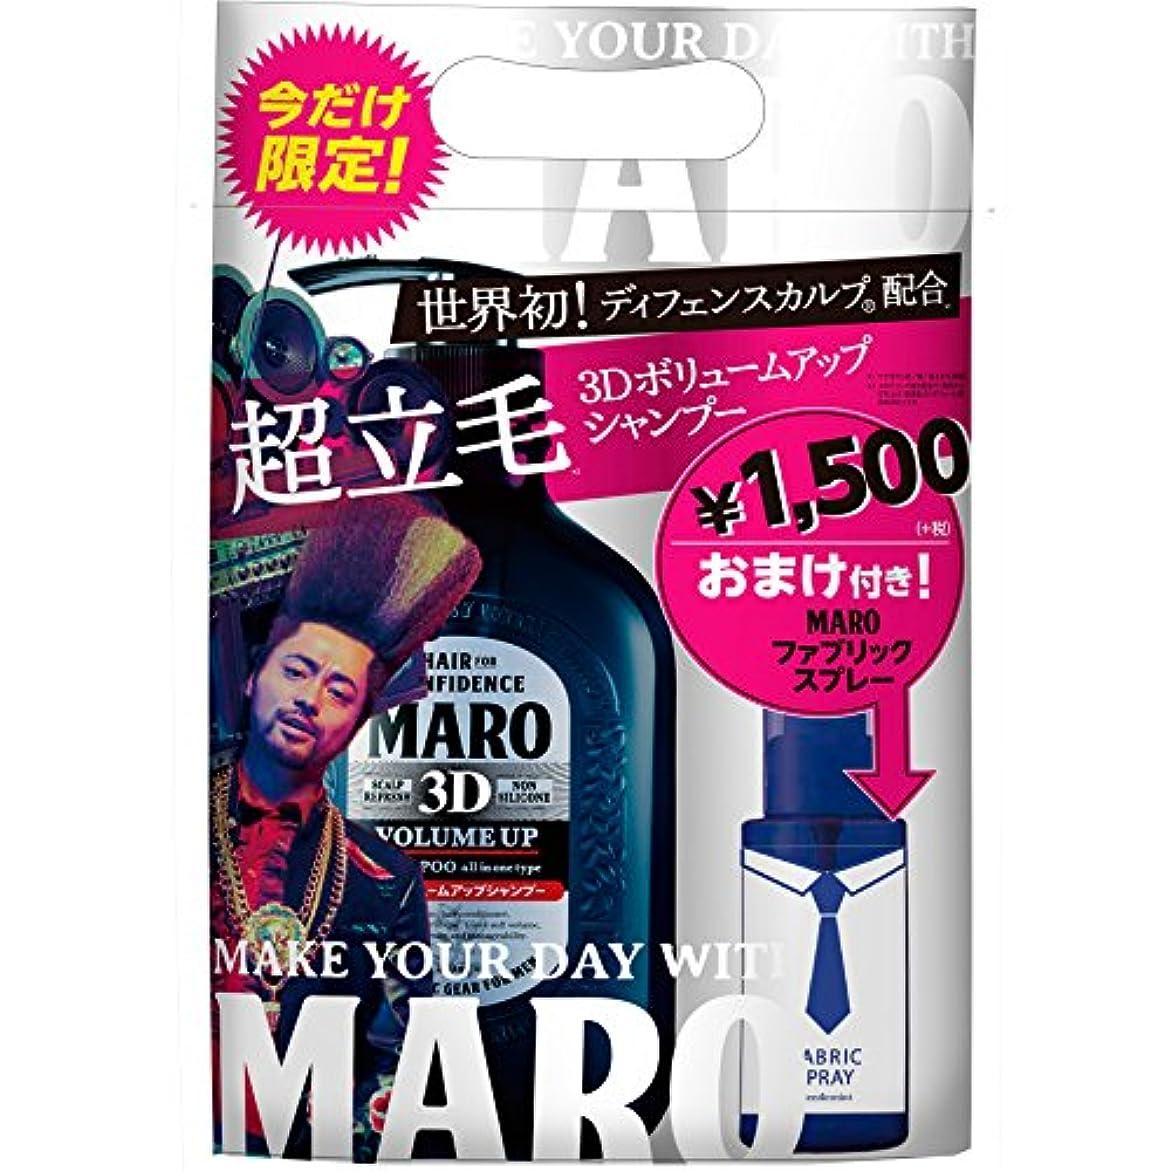 旅行安定した依存MARO 3DボリュームアップシャンプーEX ファブリックスプレー付 460ml